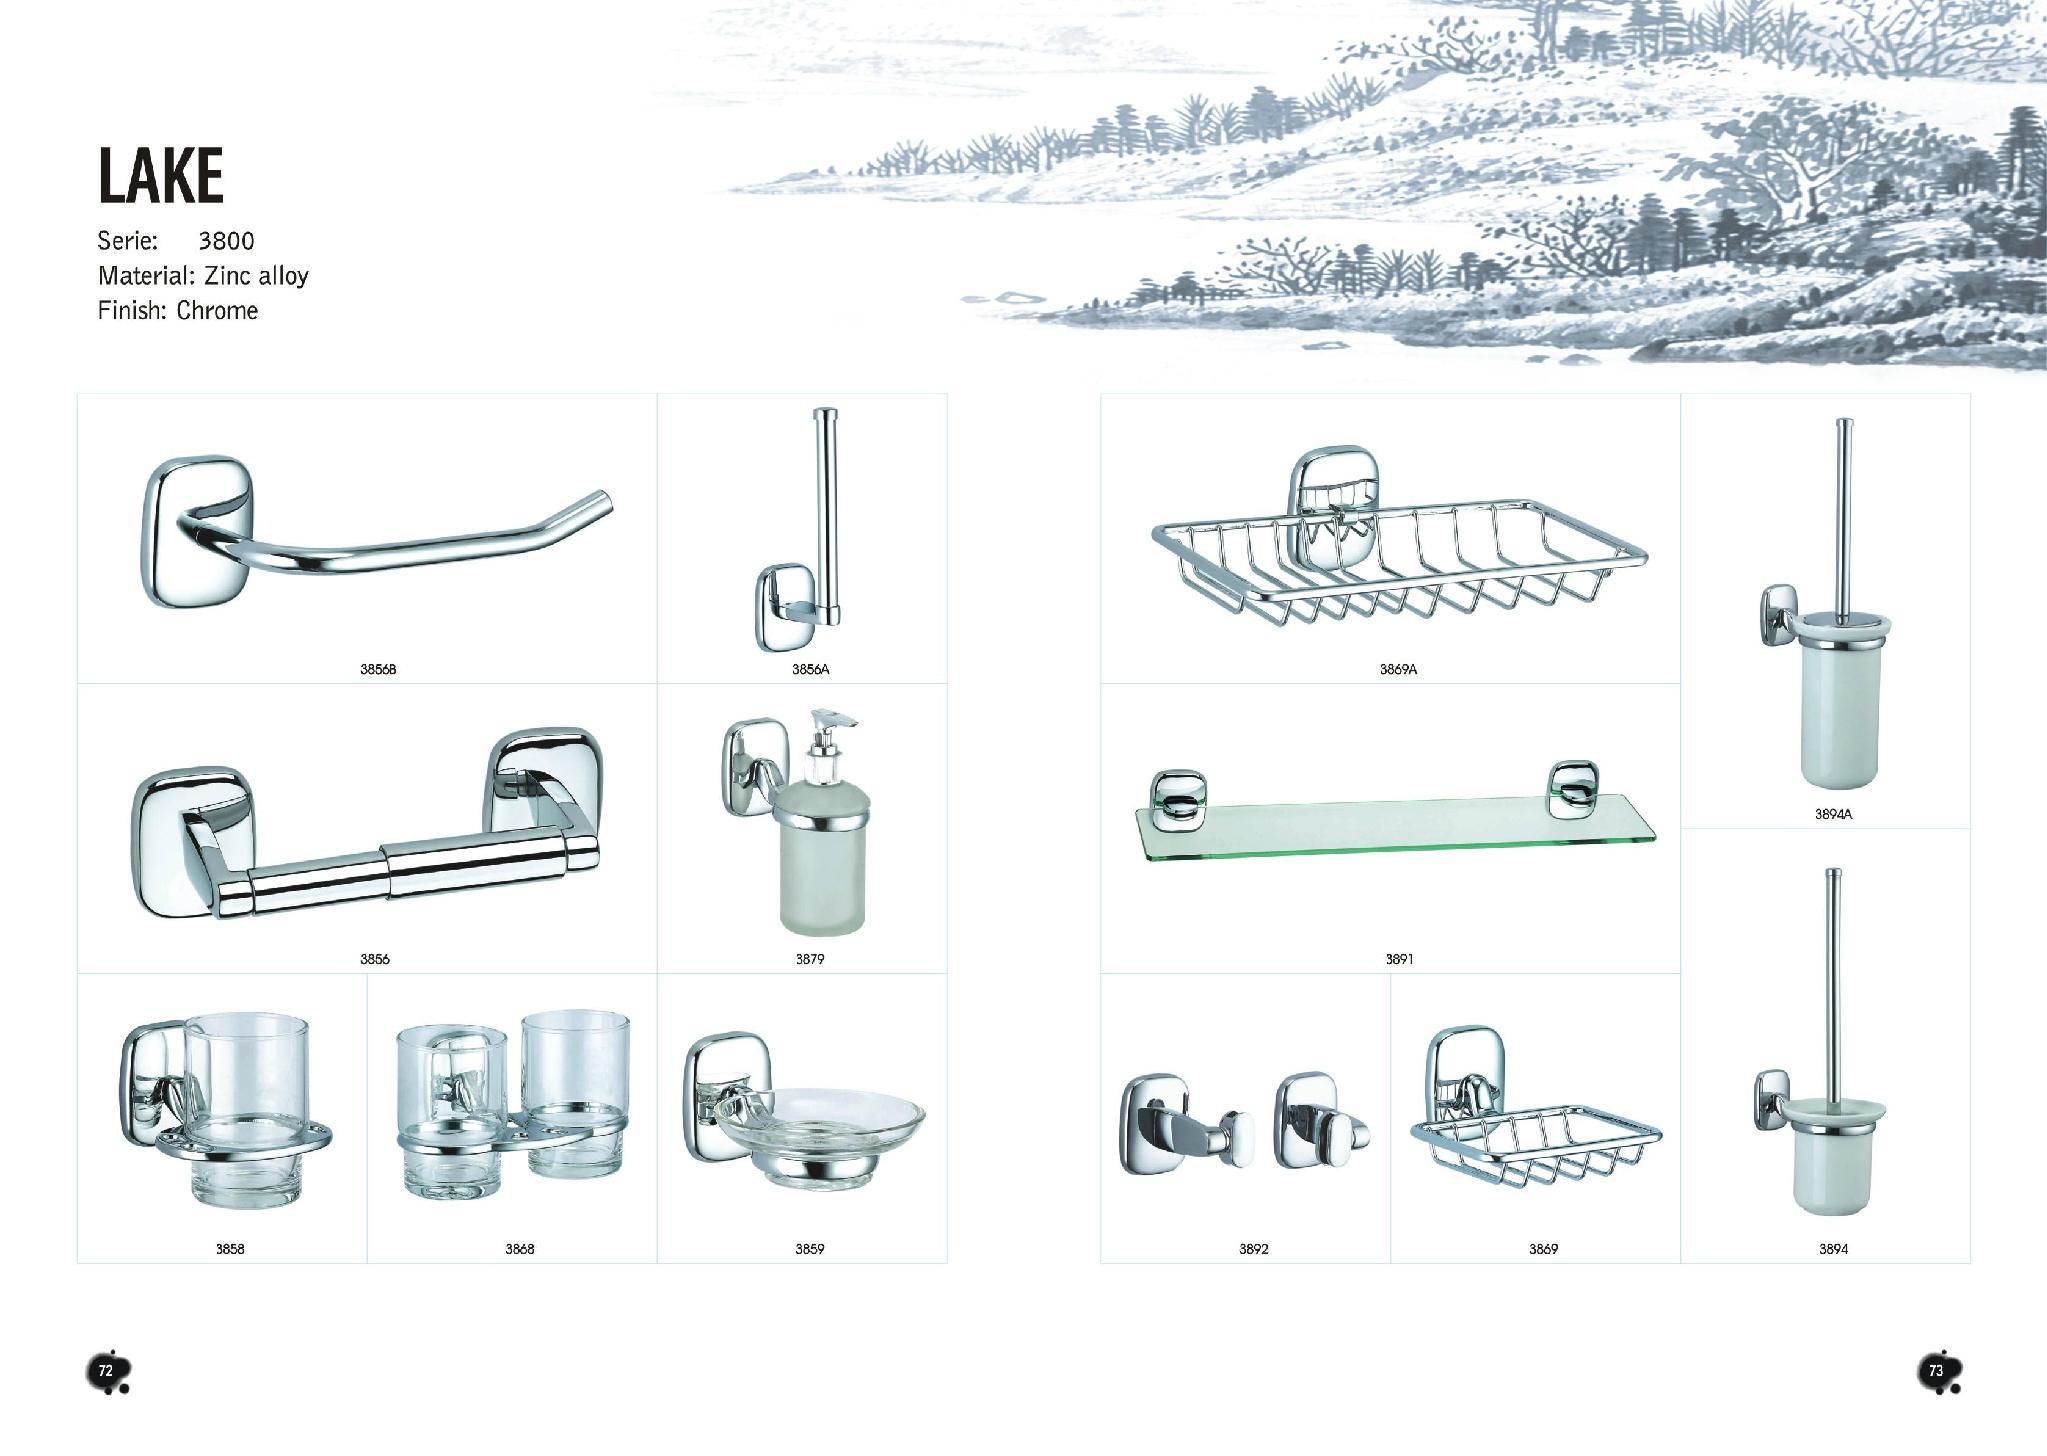 2016 Zinc  Alloy Material Towel Bar Robe Hook Bathroom Accessories Set  2